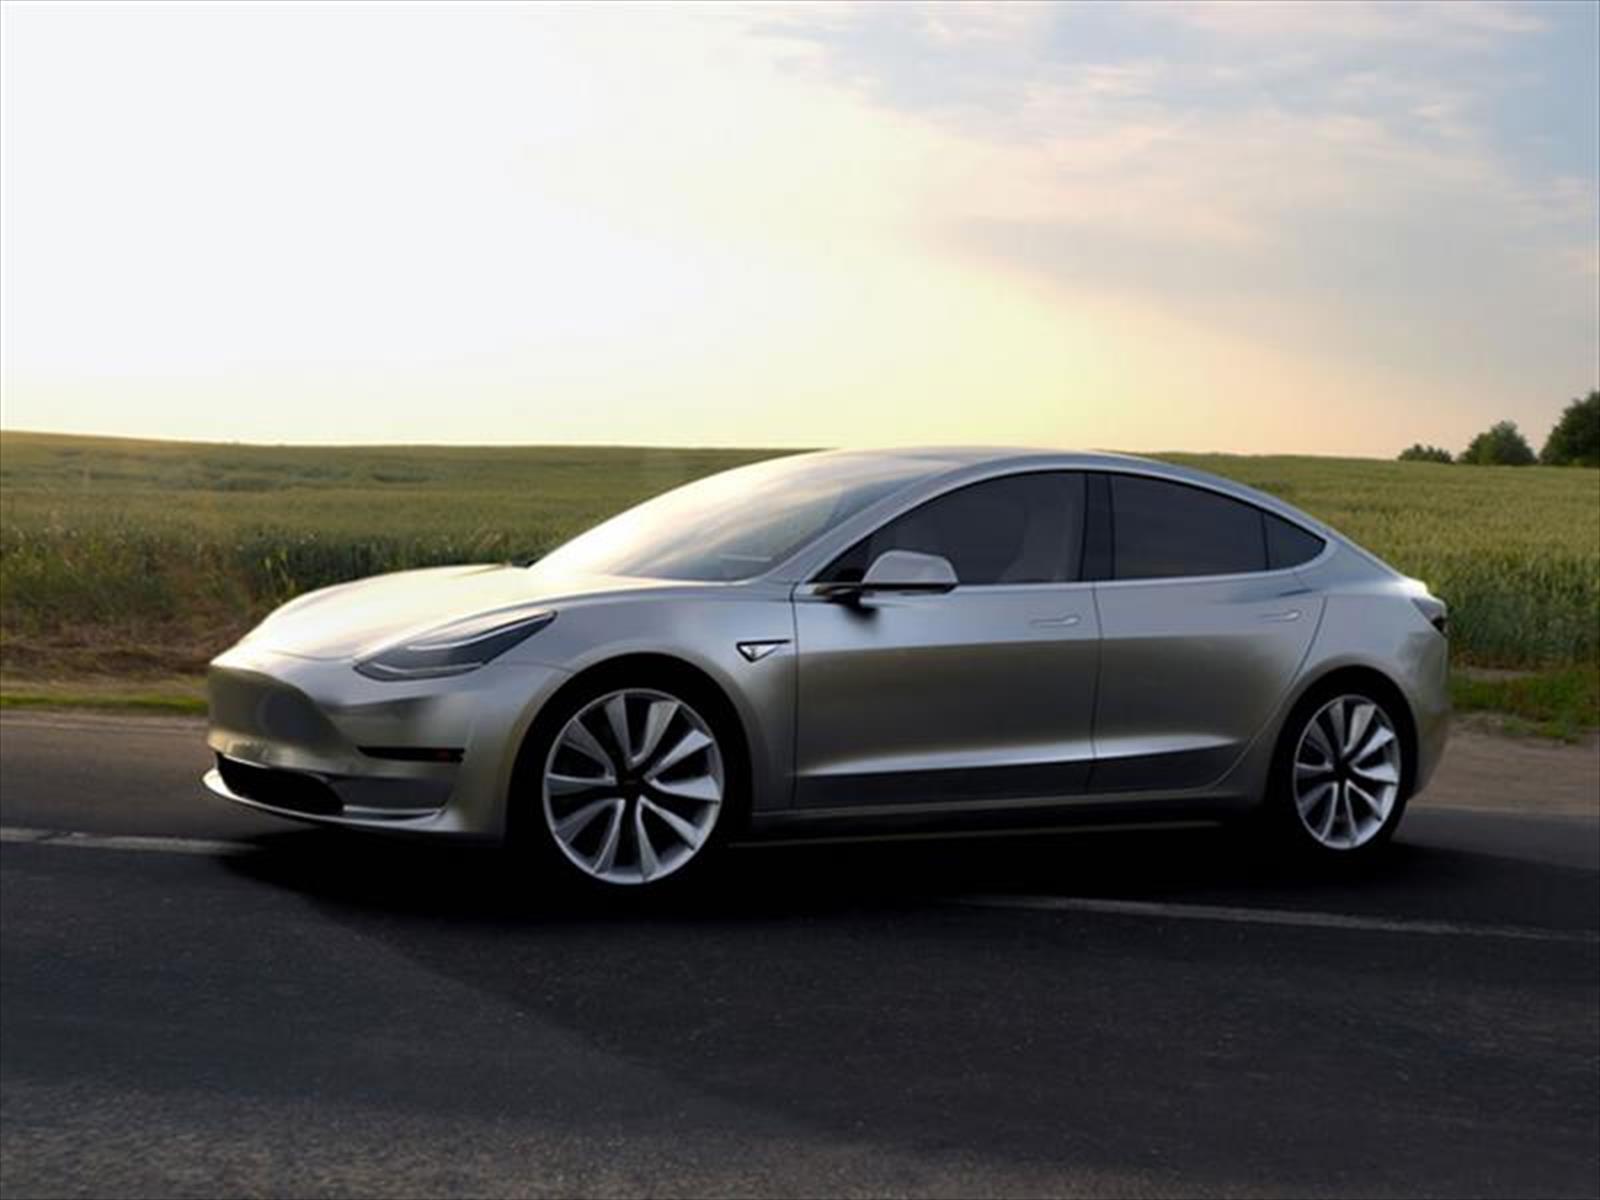 Número de órdenes del Tesla Model 3 fue menor al previsto inicialmente